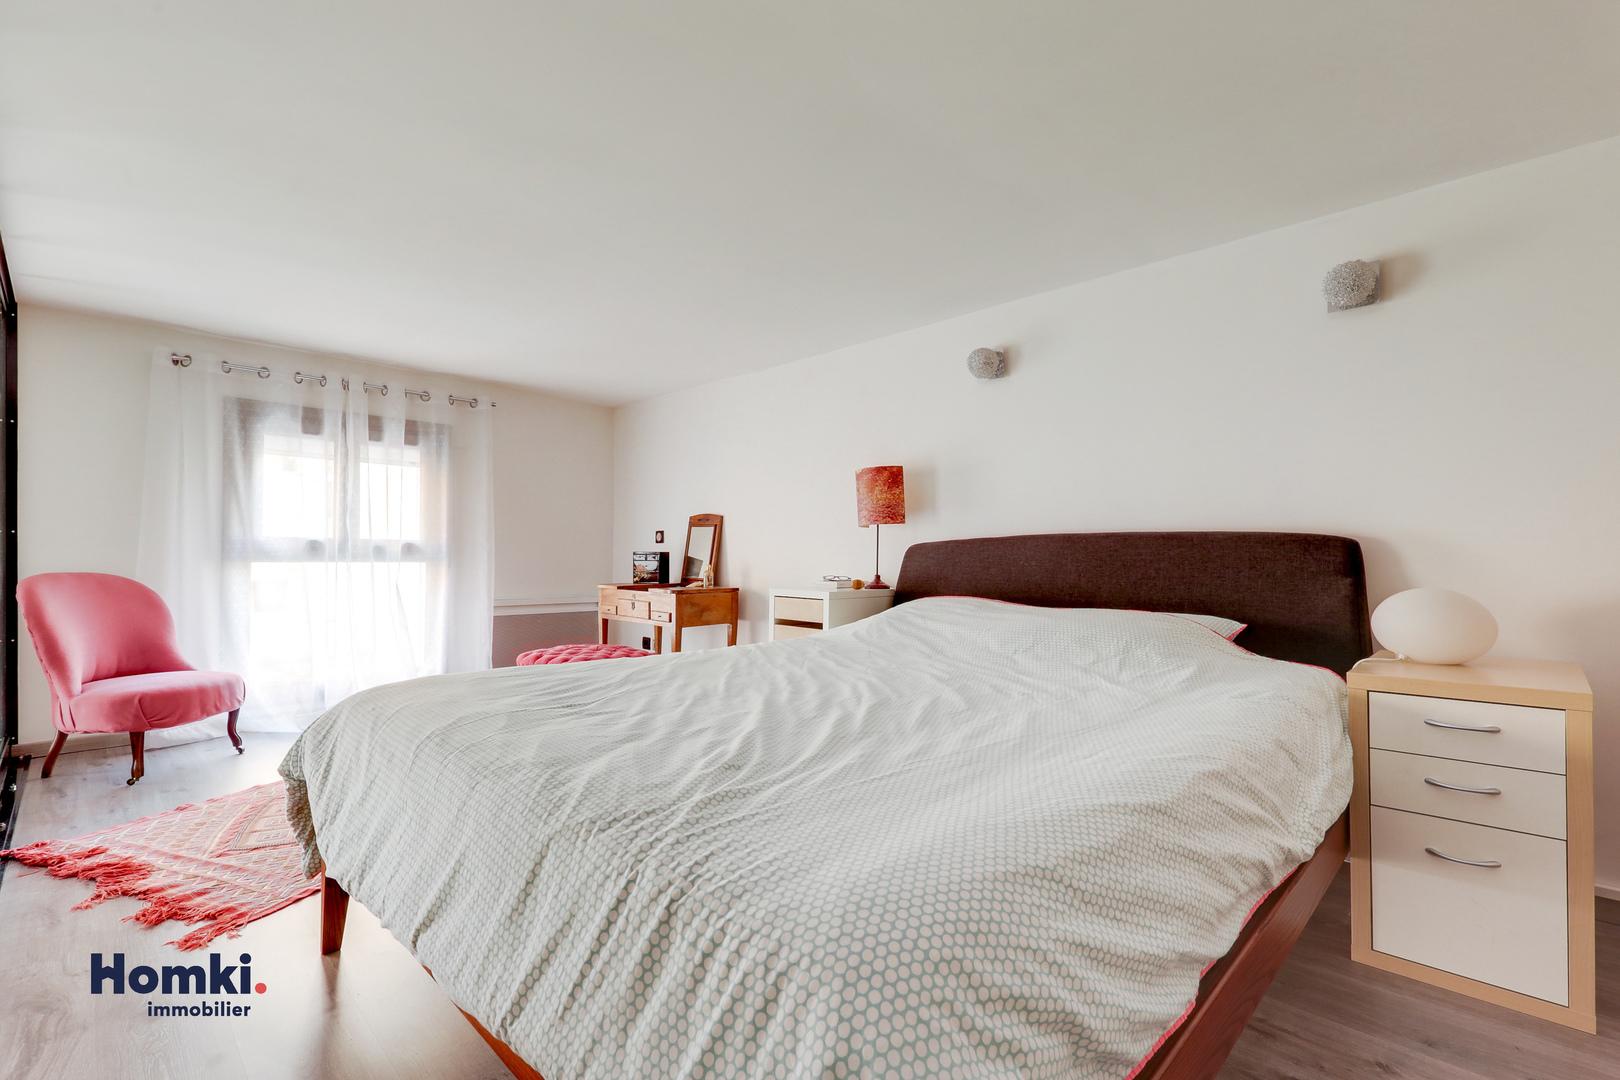 Vente appartement 115m² T3 69100_6